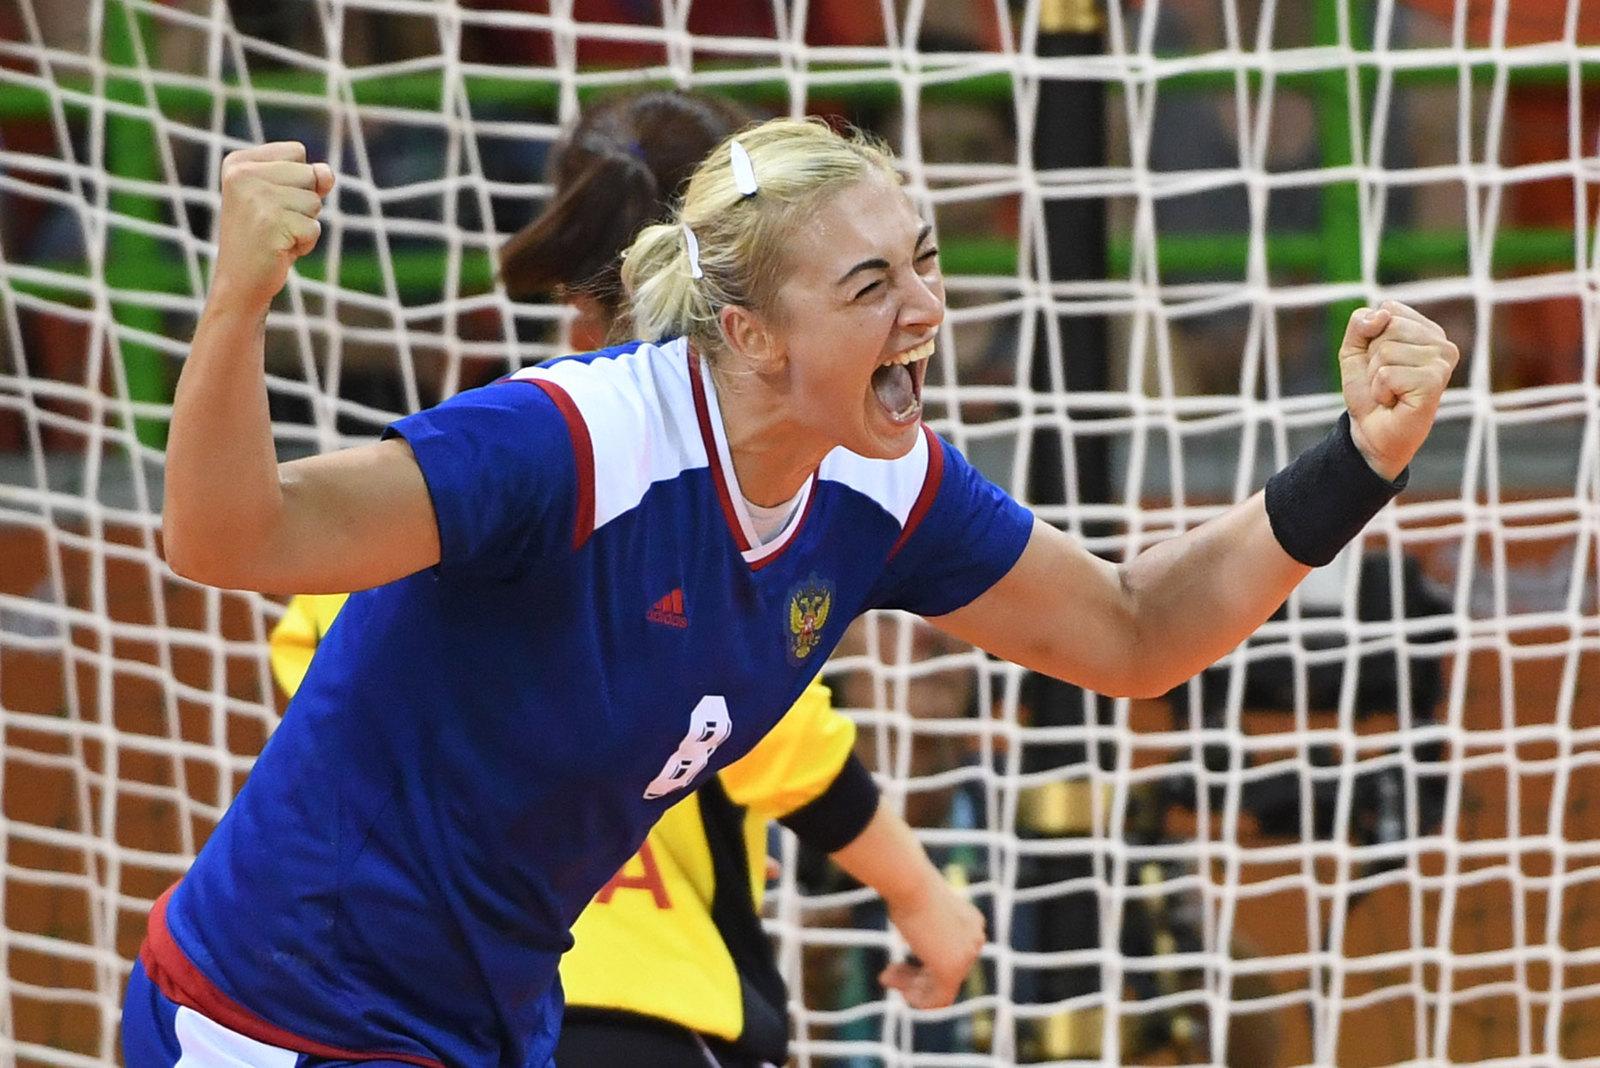 Гандболистка Анна Сен празднует гол в ворота Южной Кореи